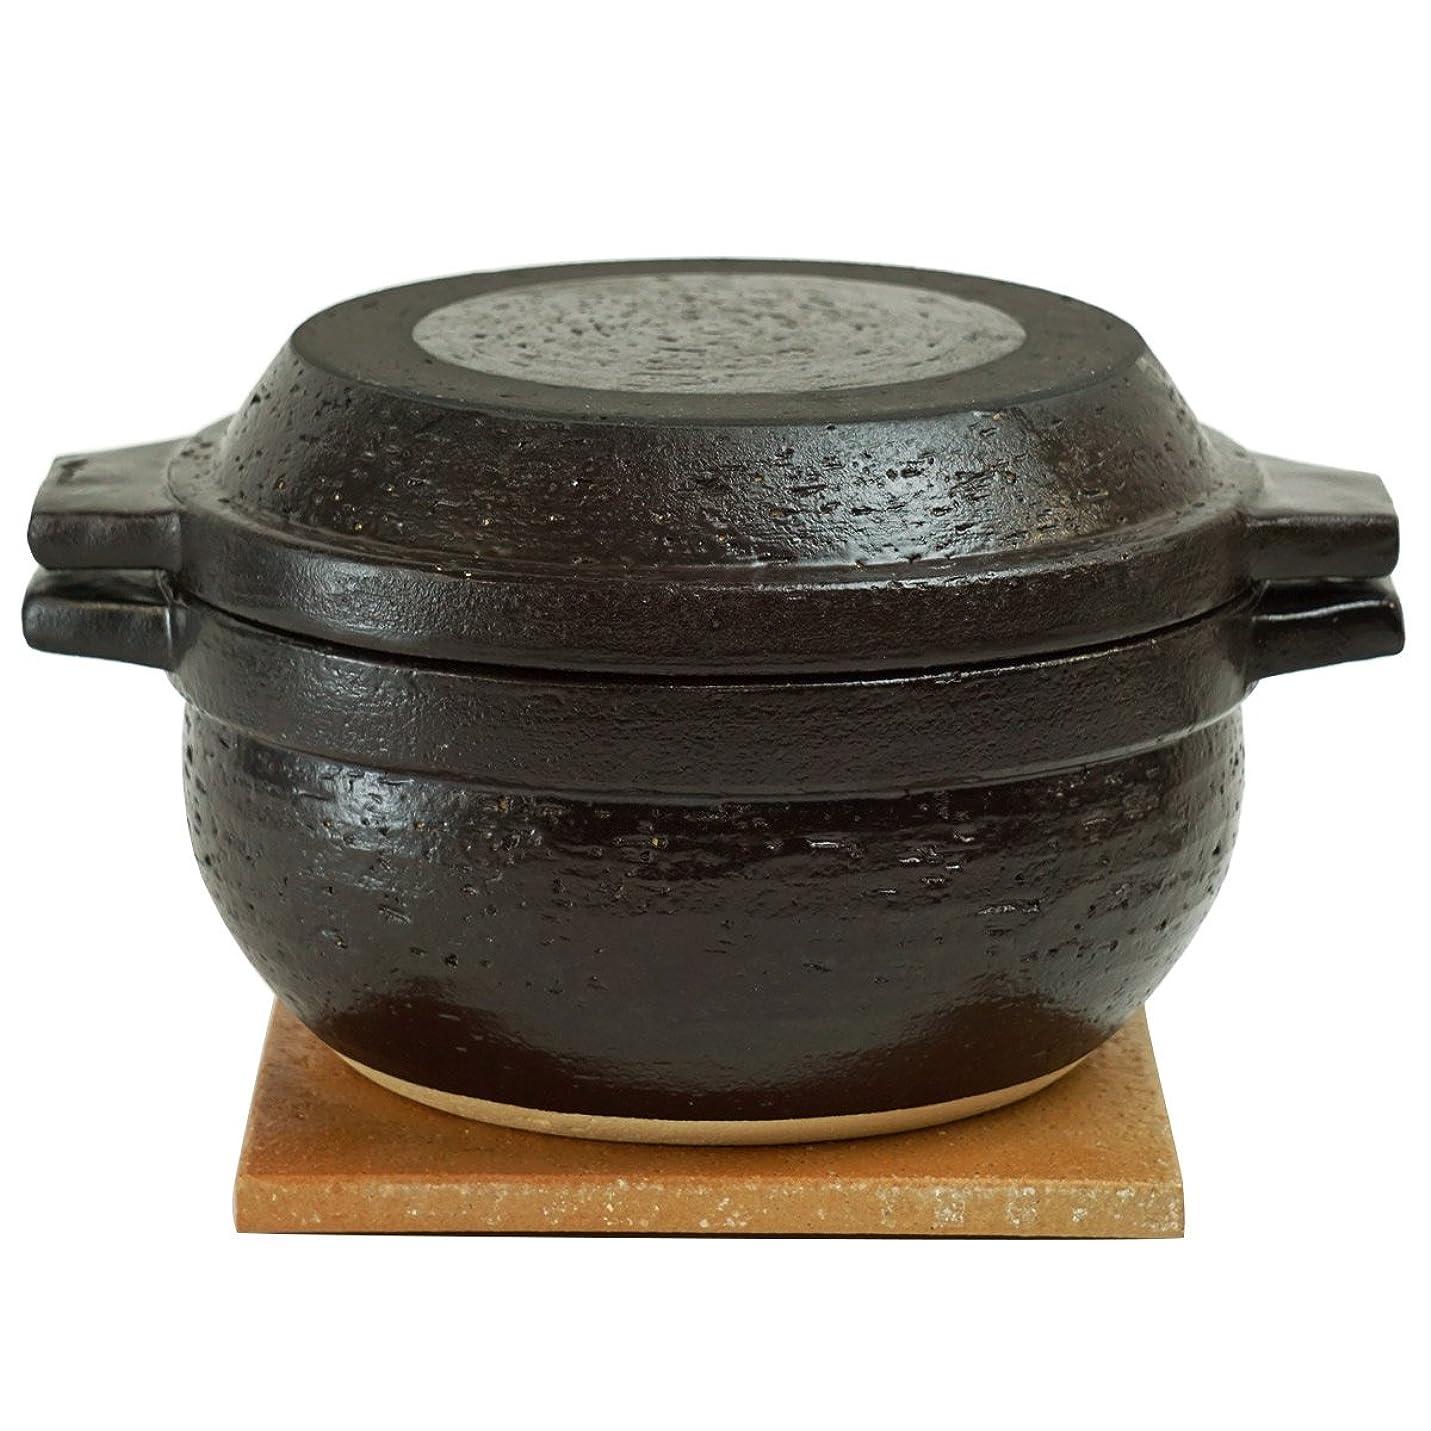 横たわる目的発表長谷園 男厨 土鍋 (1800ml) NC-94